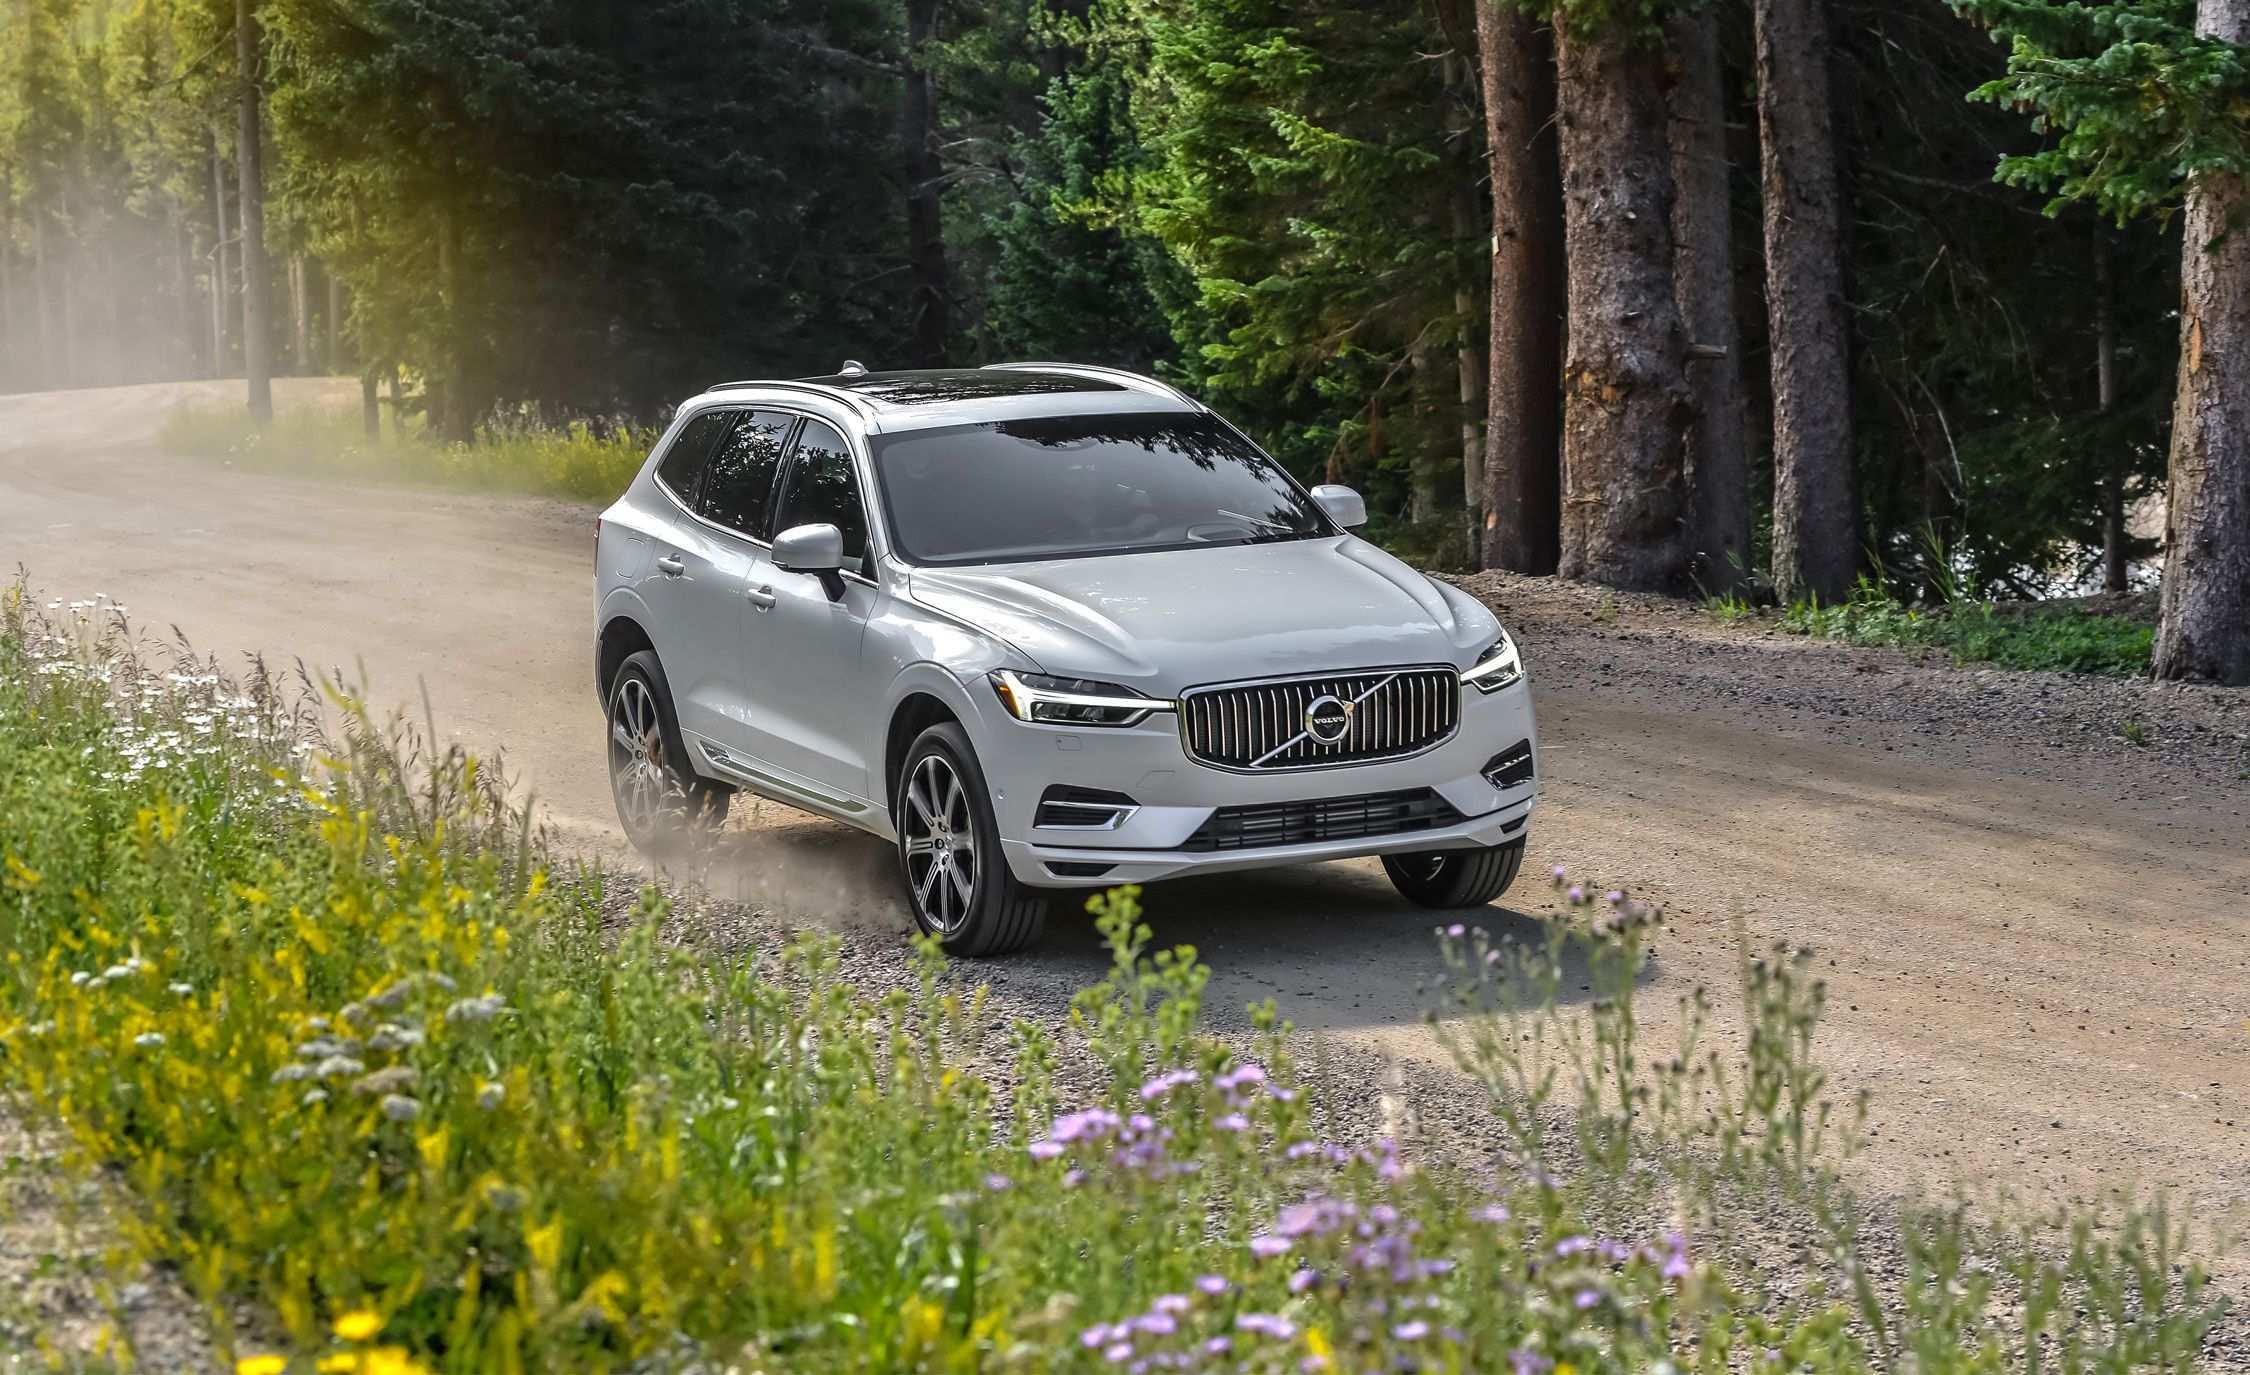 52 Best Review The Nieuwe Modellen Volvo 2019 Price First Drive for The Nieuwe Modellen Volvo 2019 Price